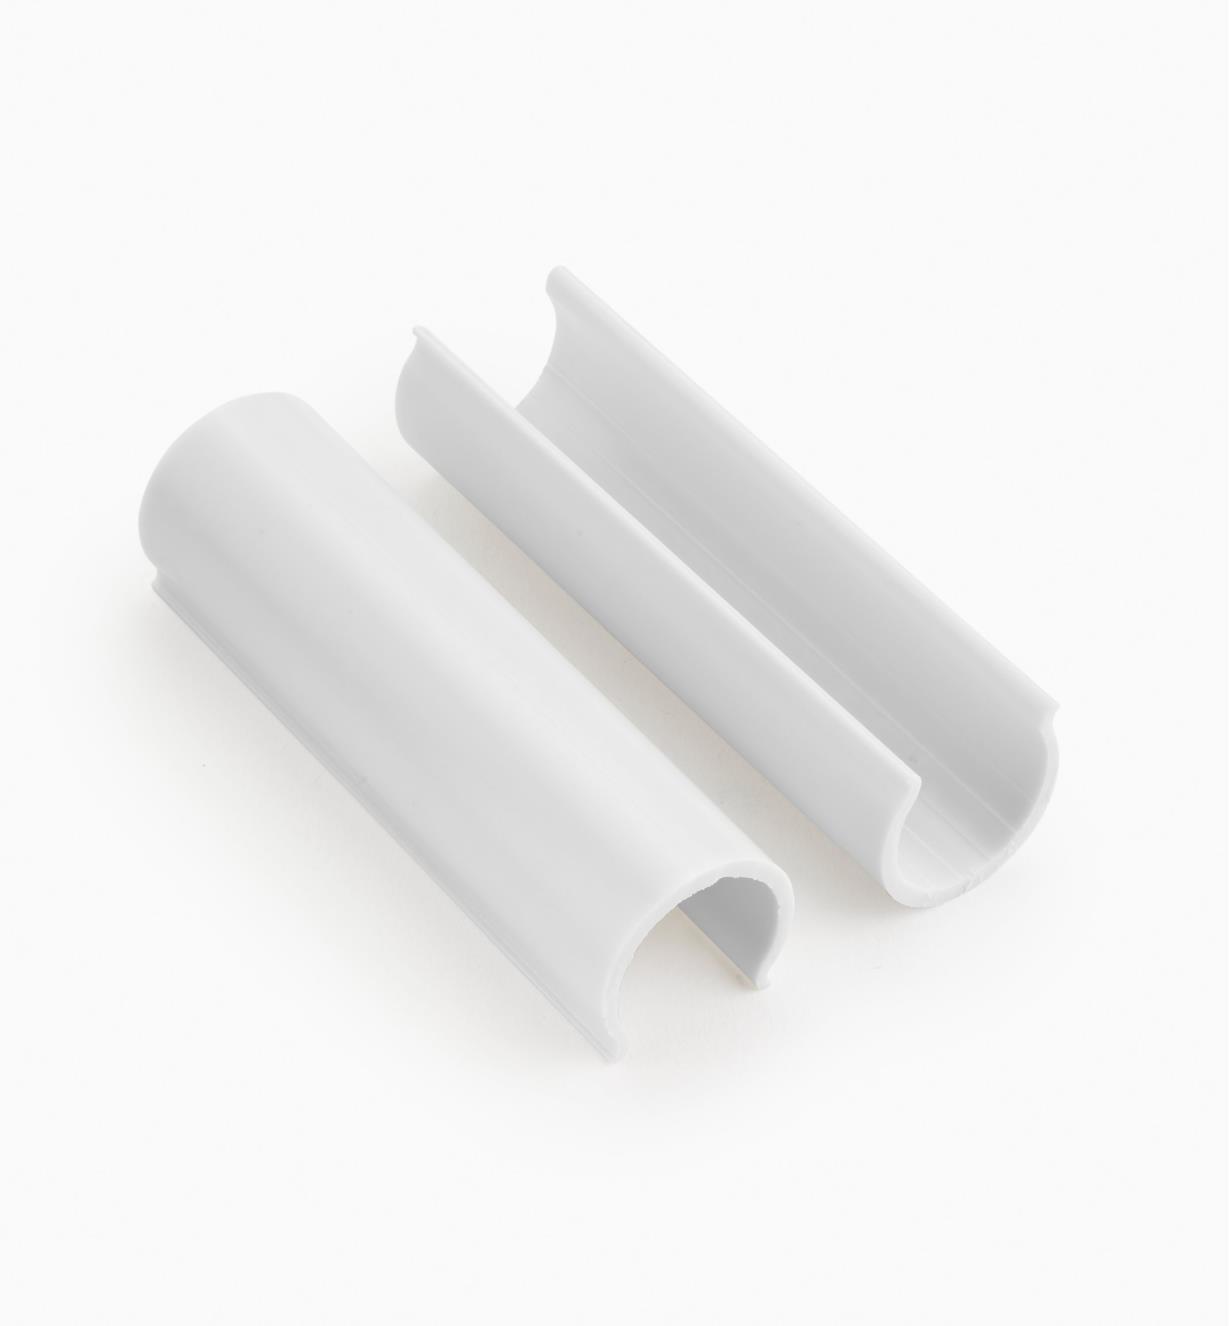 EA273 - Manchons en PVC, 3/4 po, pqt de 10